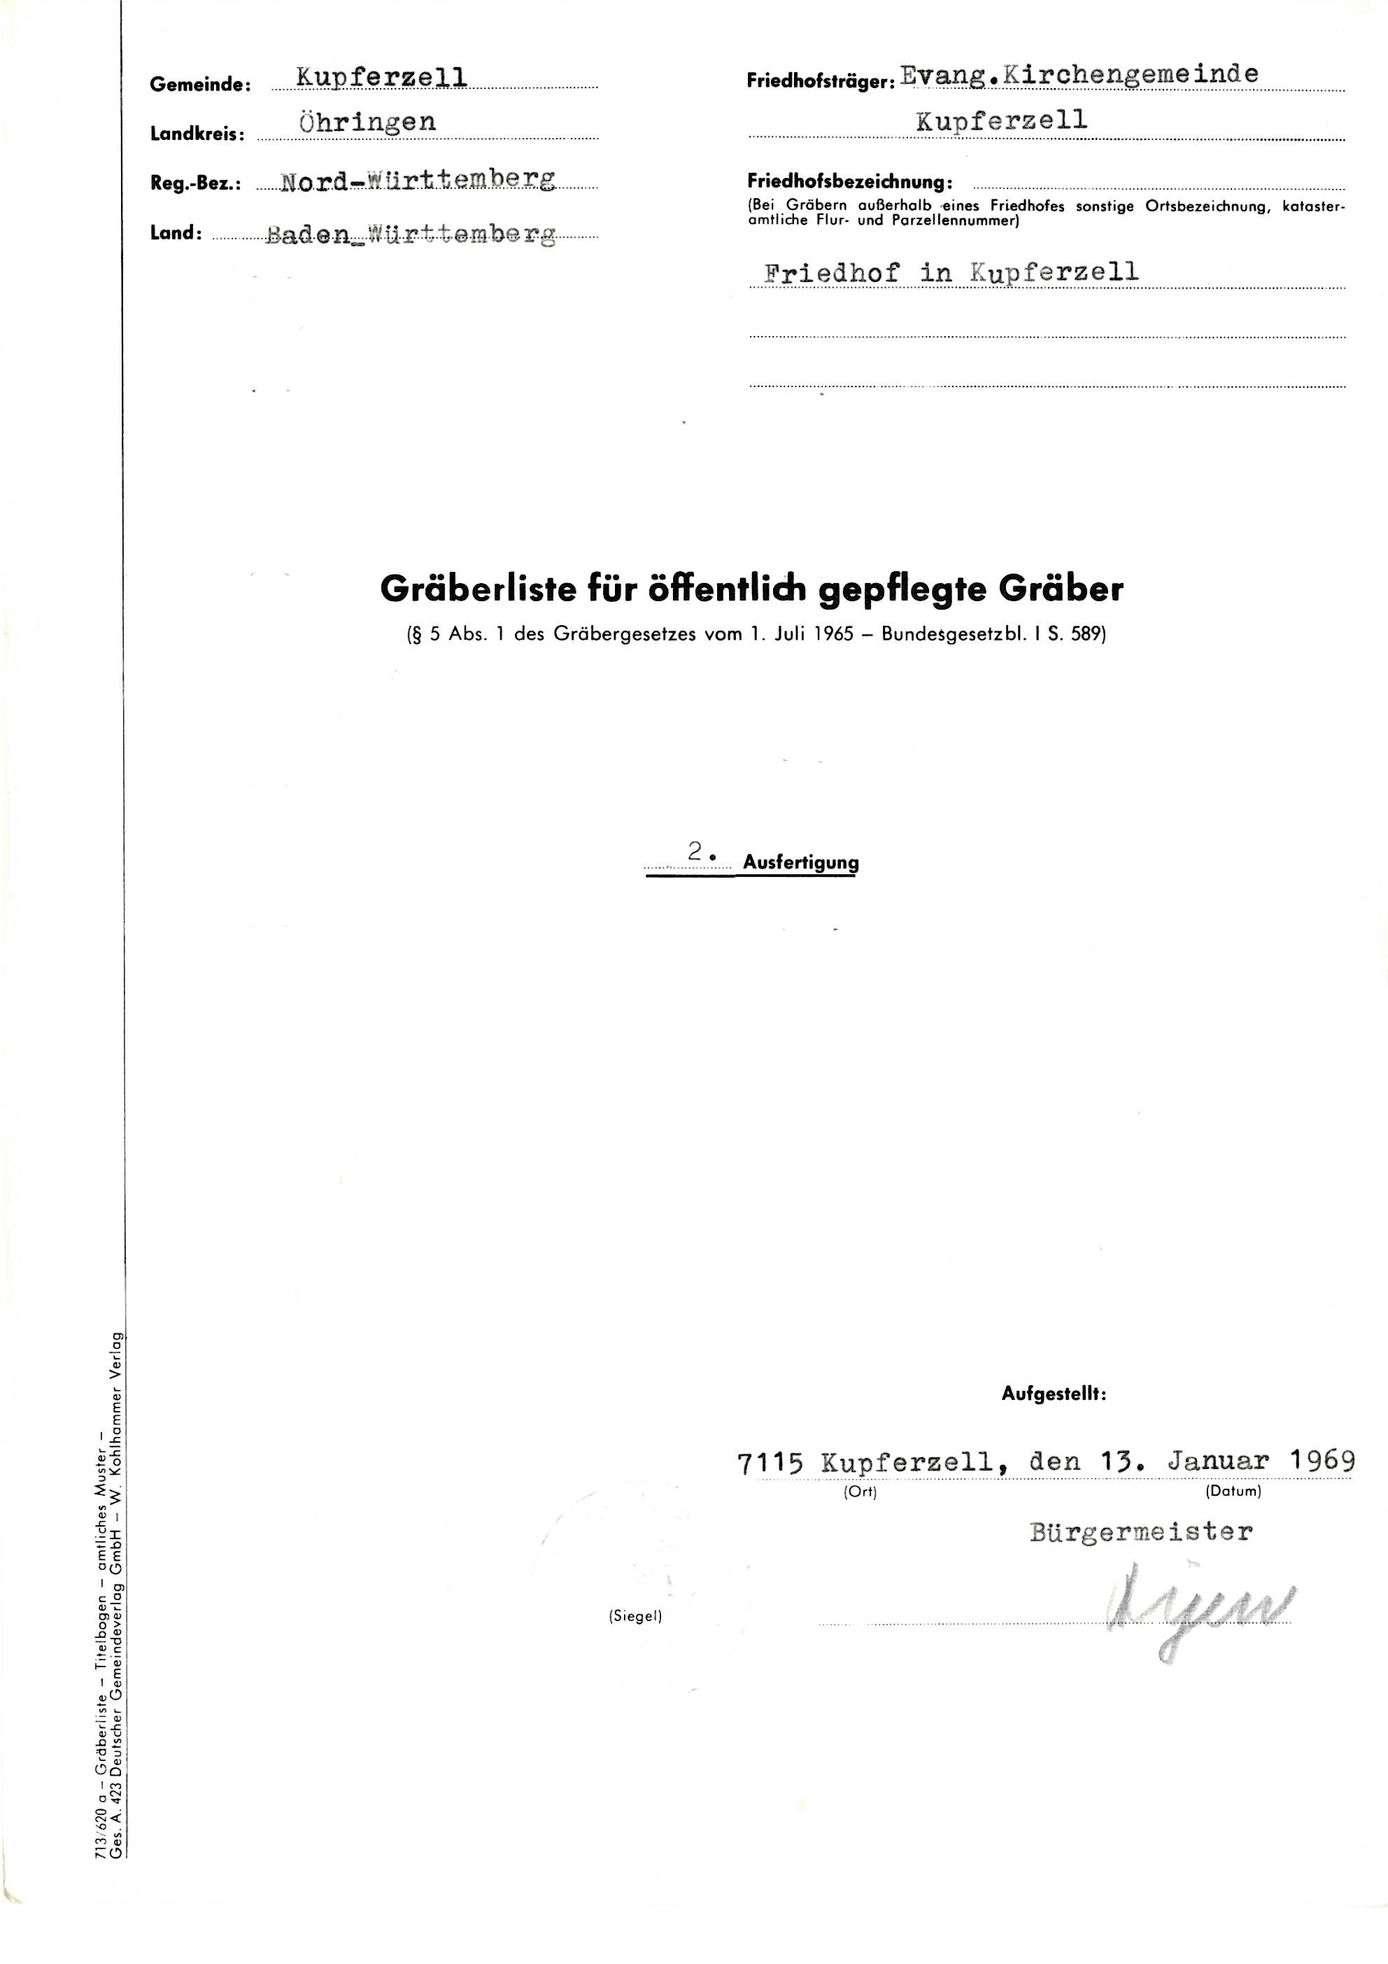 Kupferzell, Bild 1